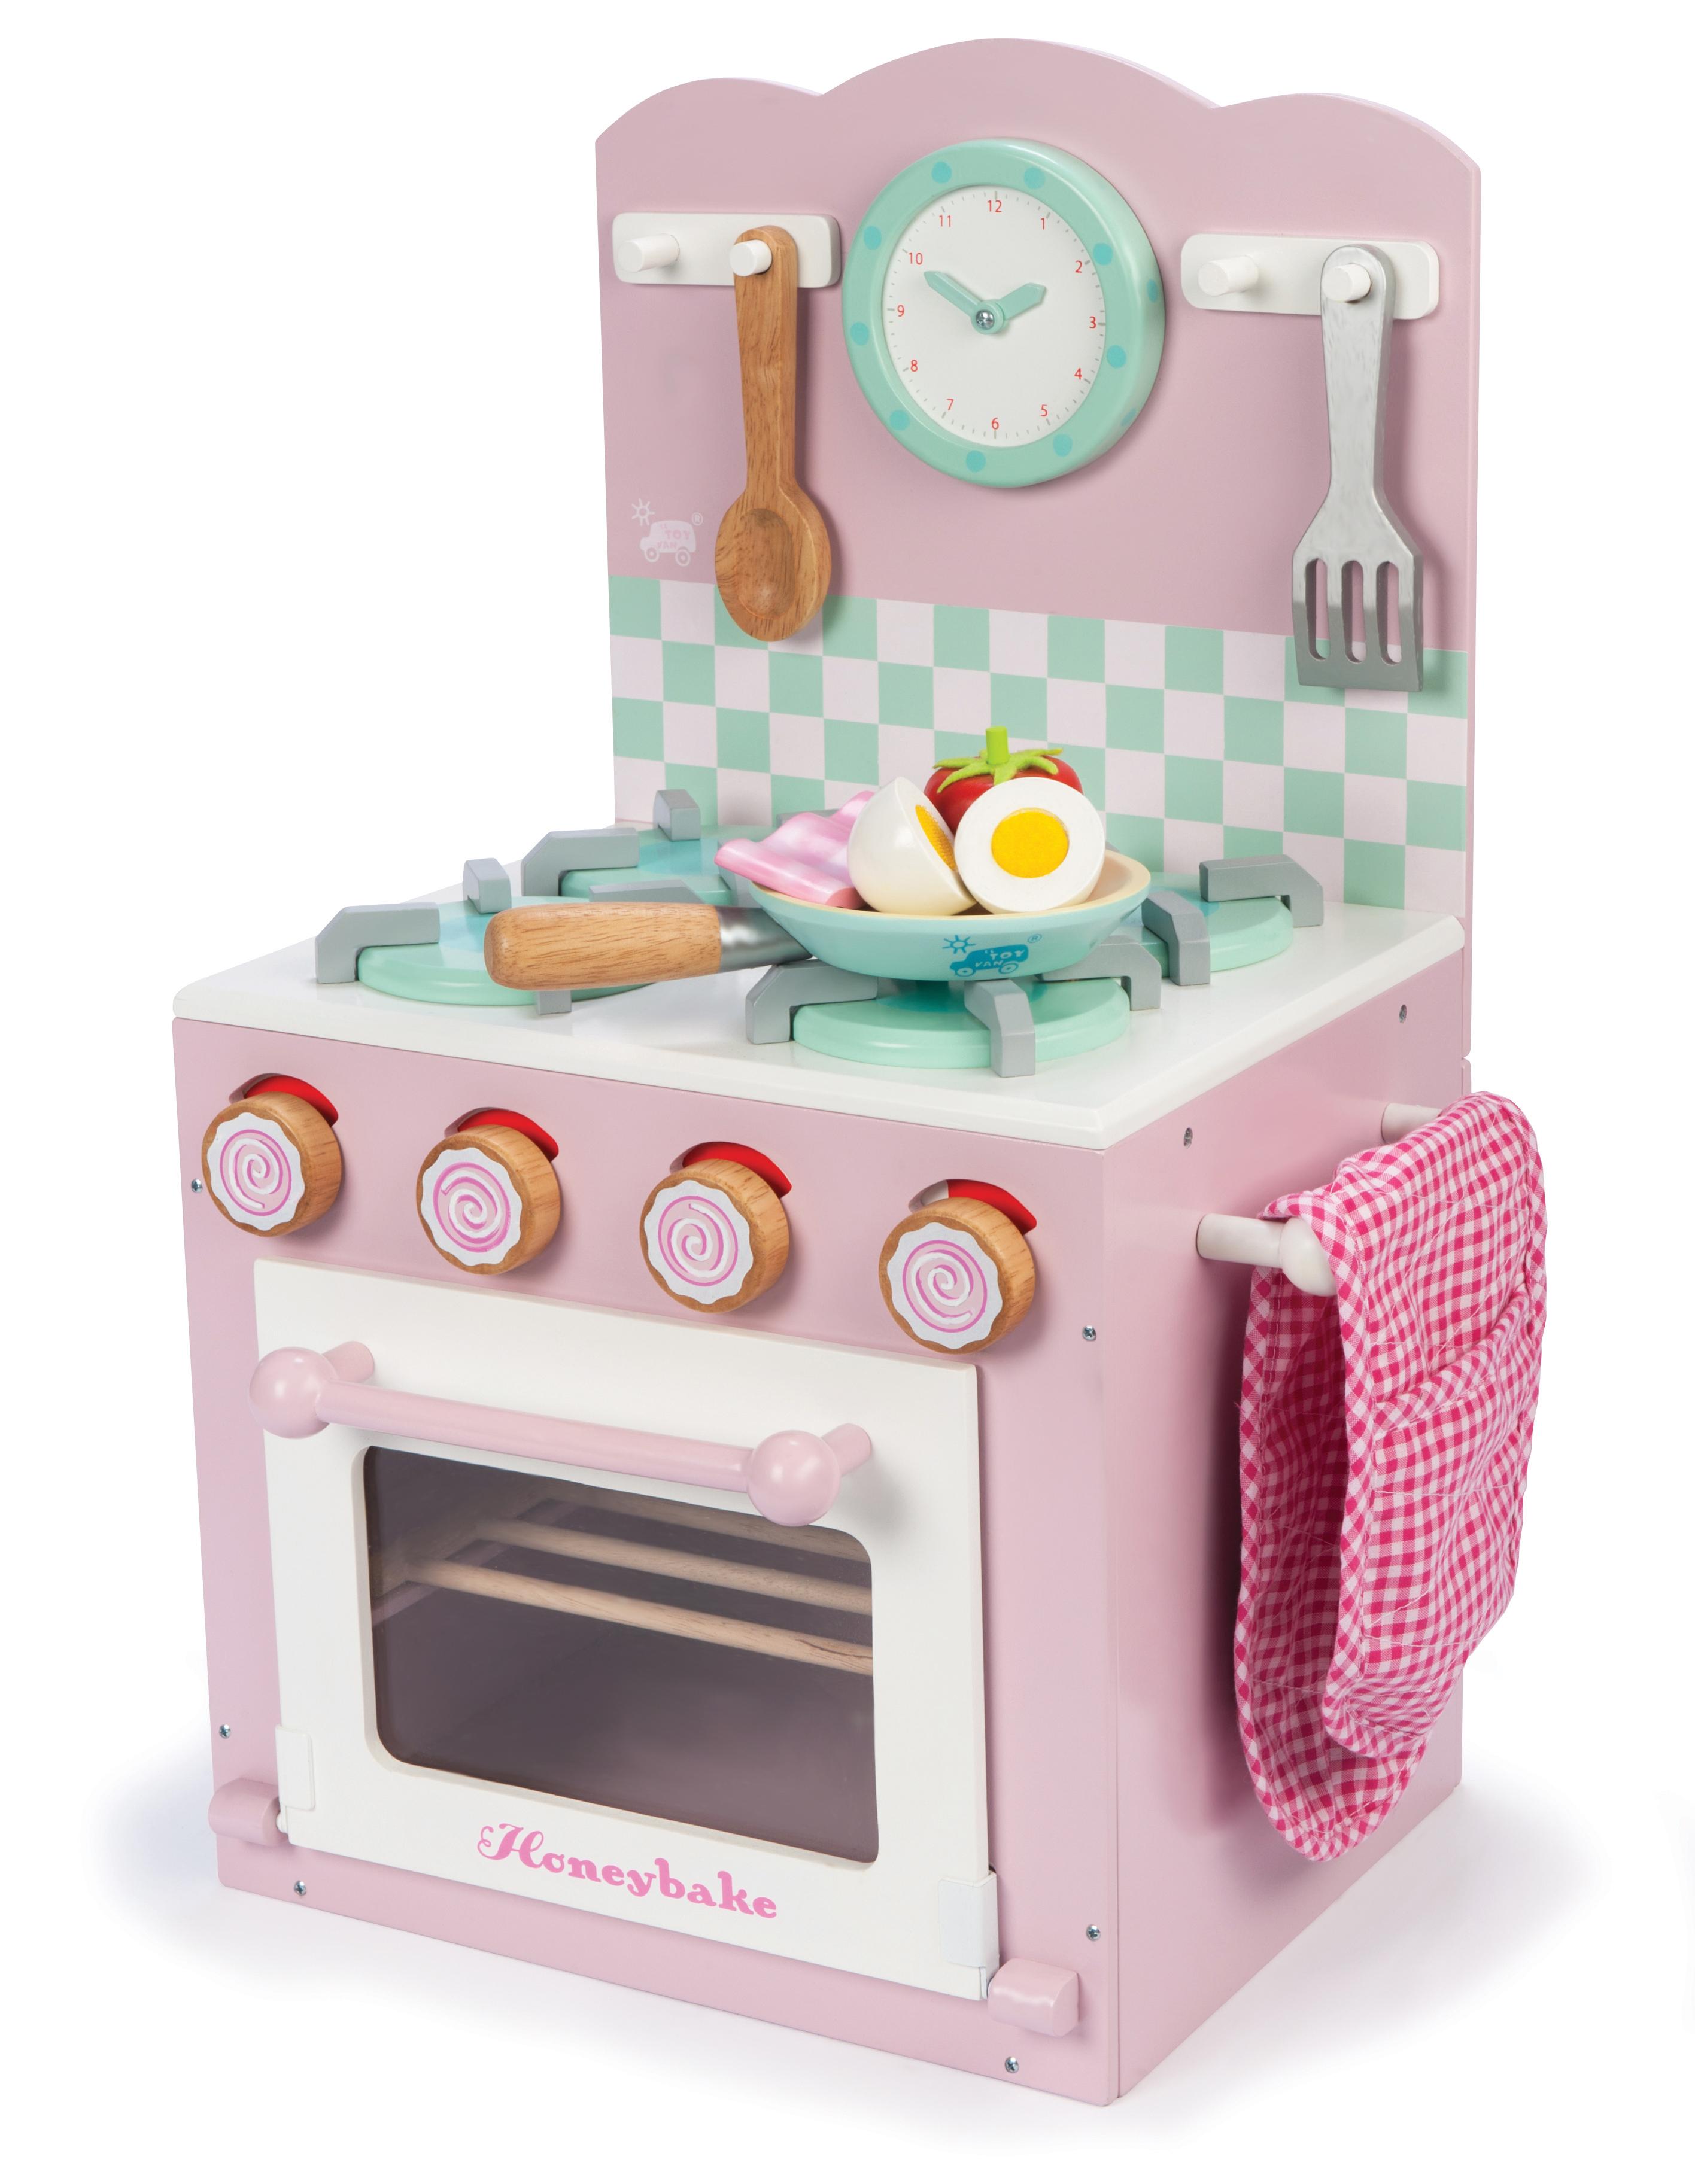 spielzeug mehr spielk che aus holz ofen und herd set pink. Black Bedroom Furniture Sets. Home Design Ideas